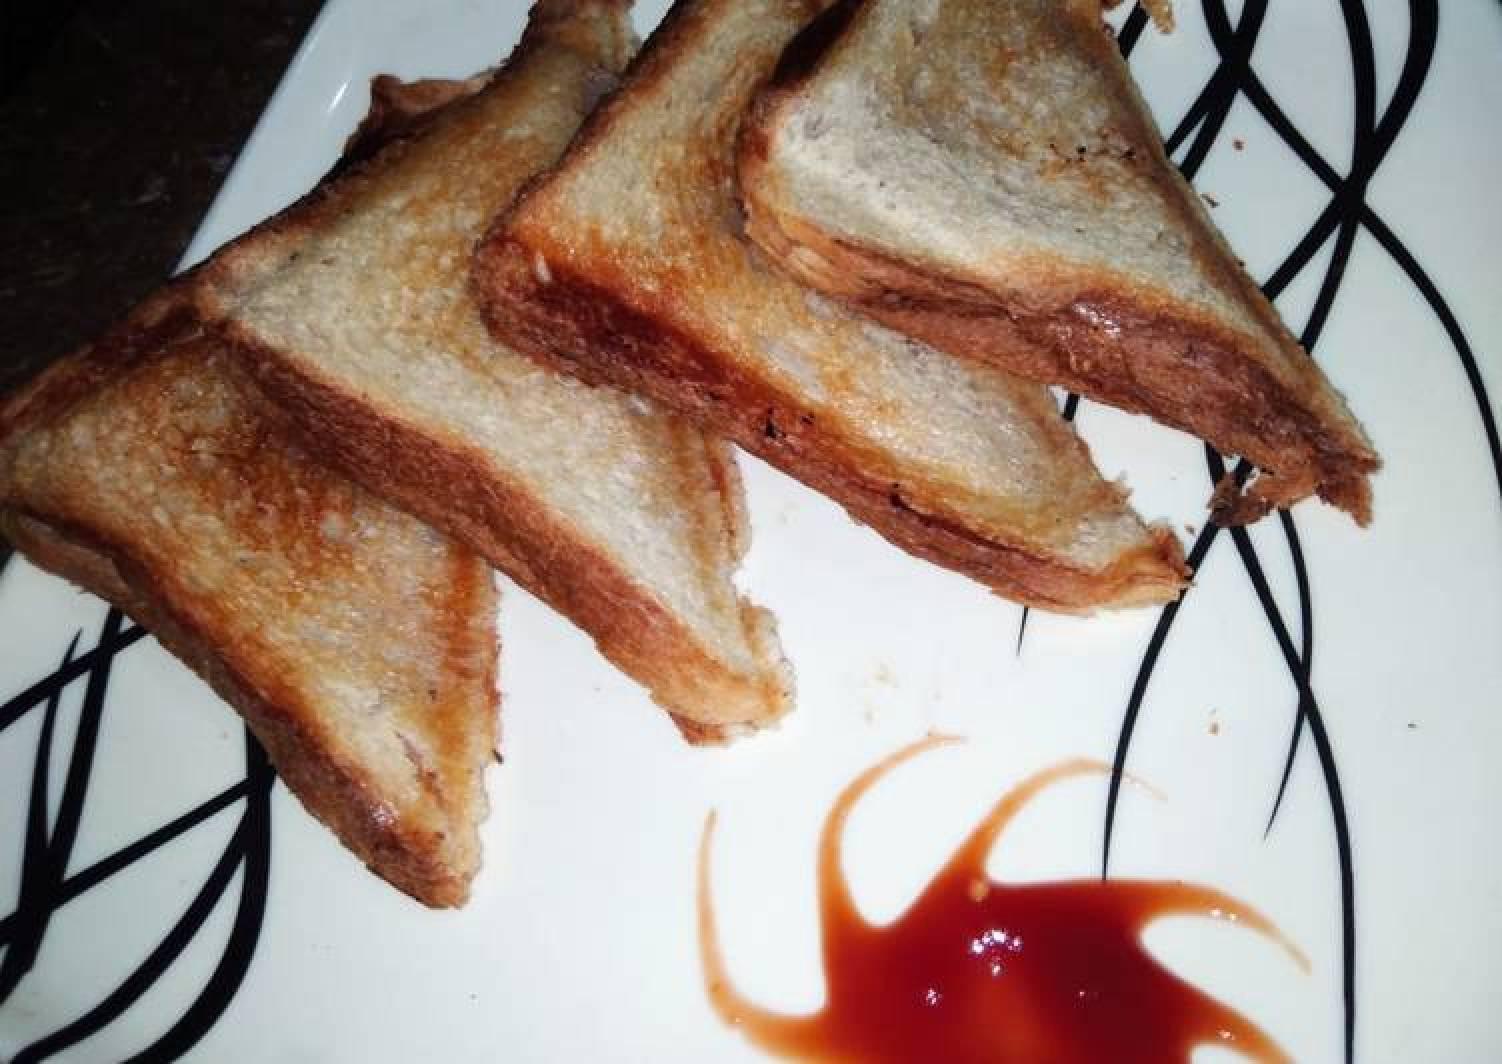 Curd toast